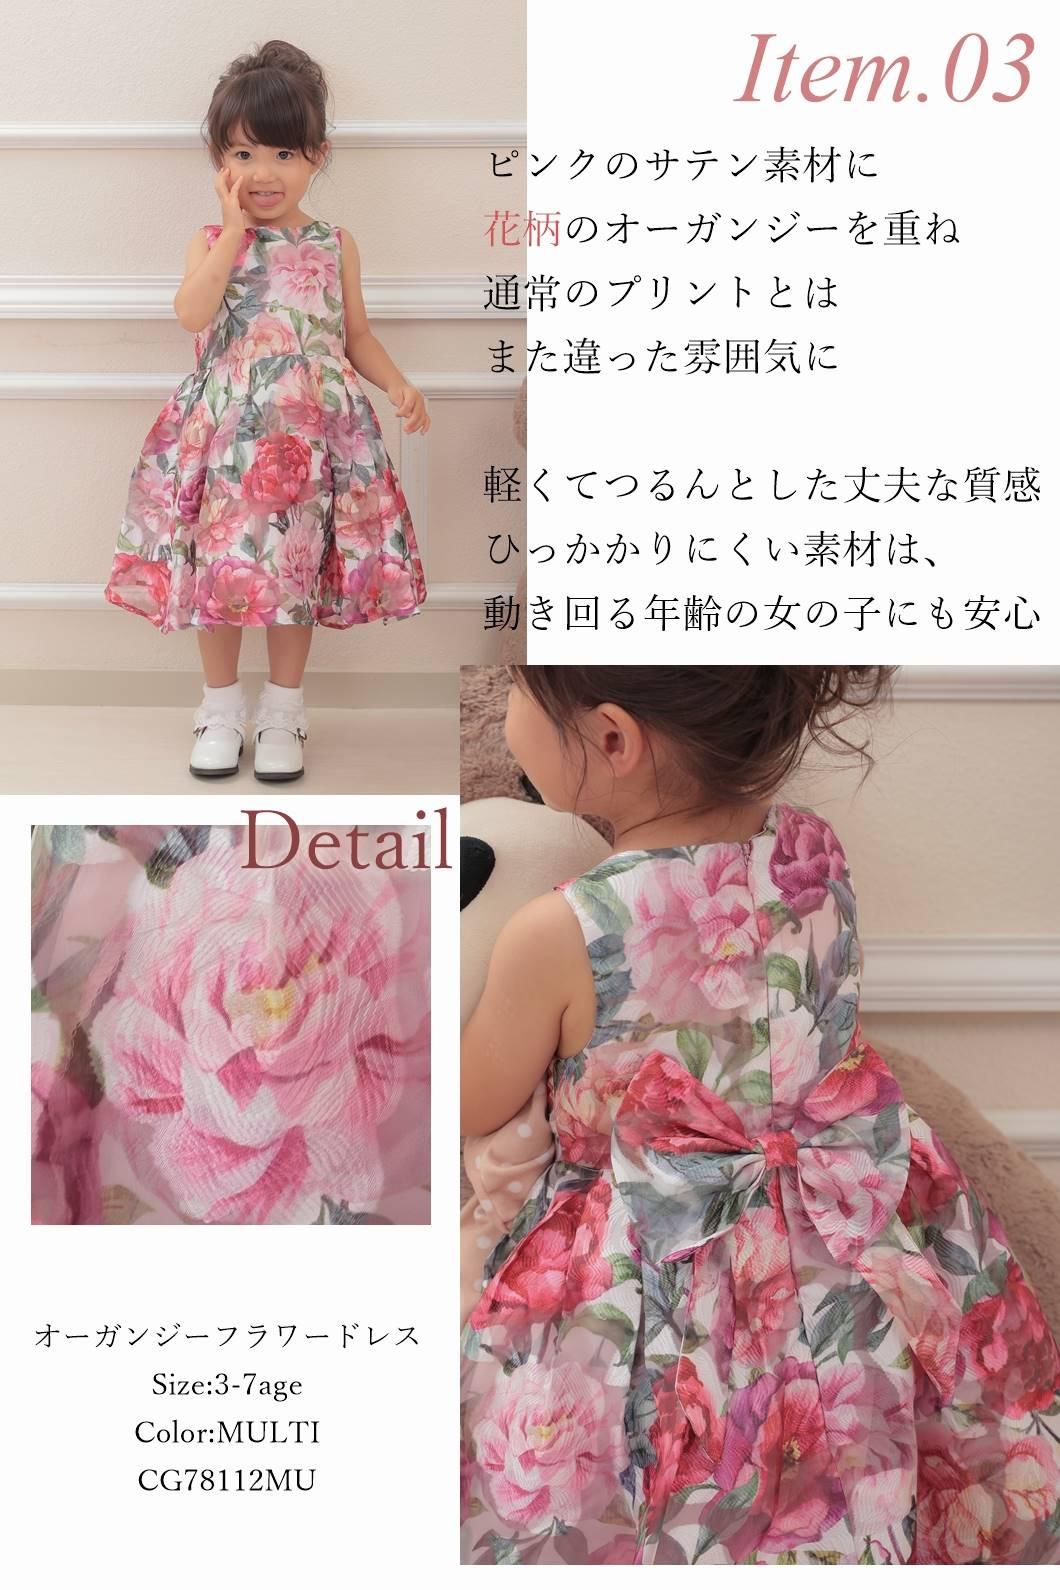 オーガンジーの花柄ドレスは普段使いにもおすすめ